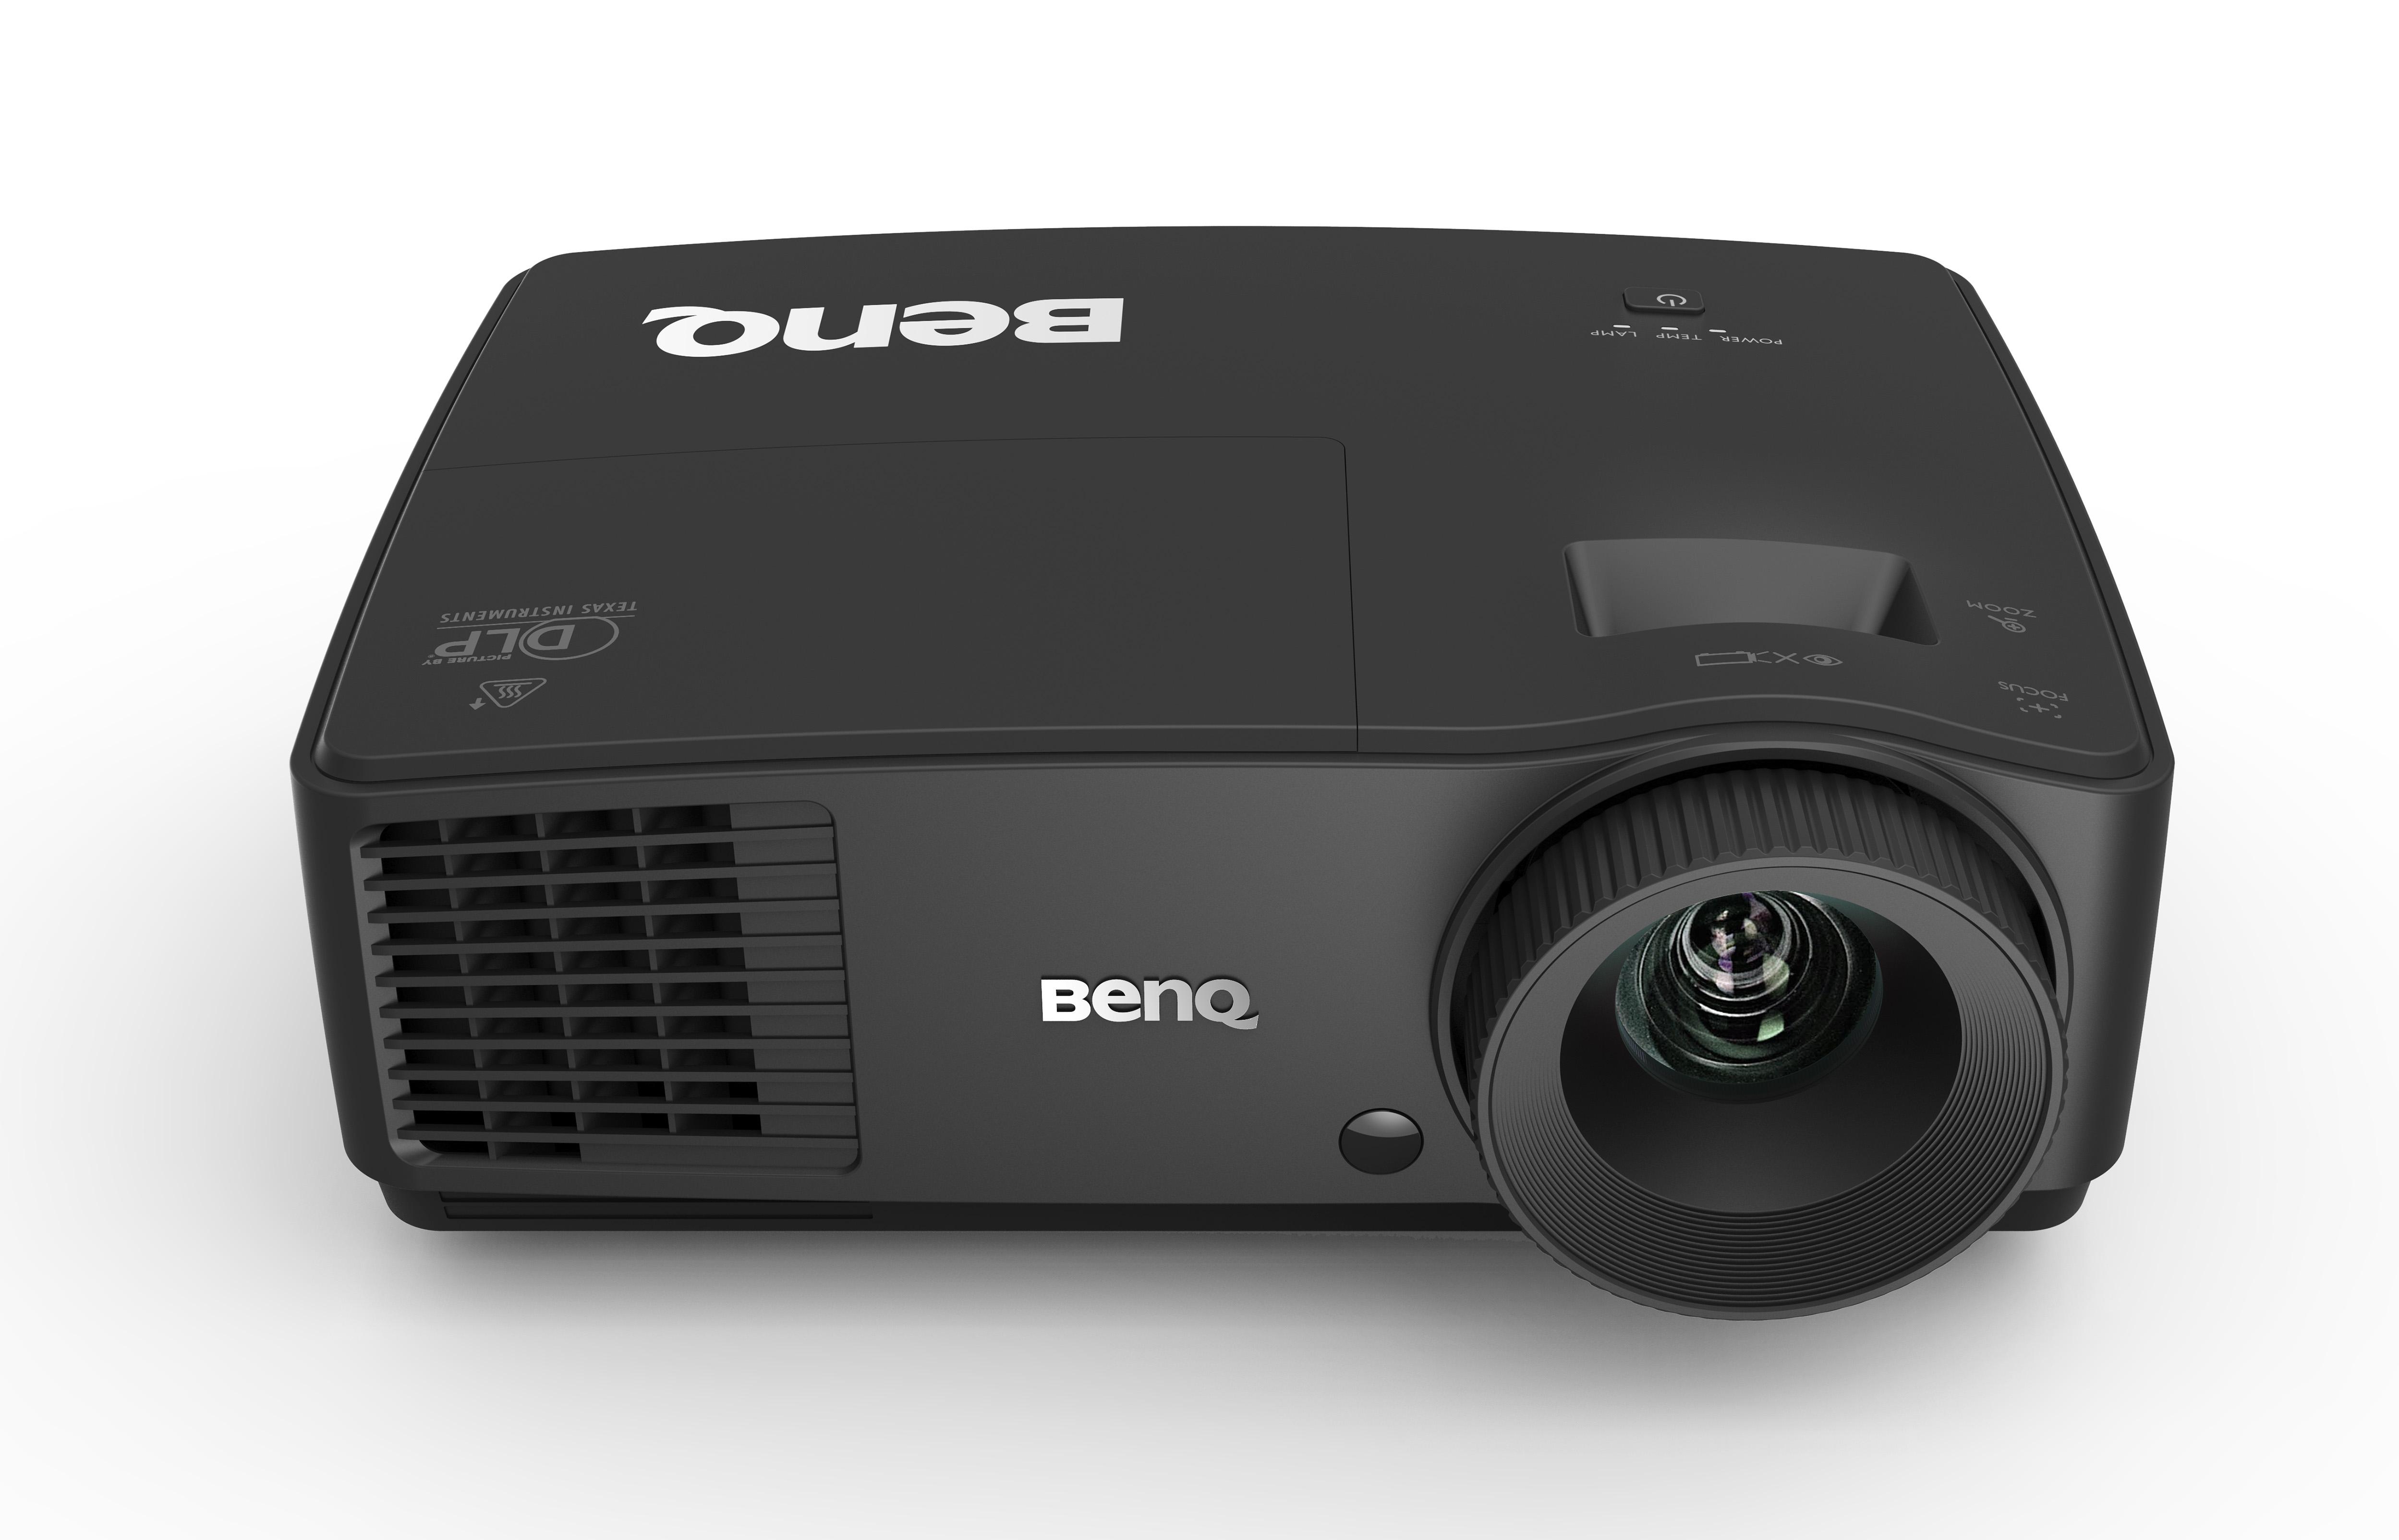 BENQ ES500 ความสว่าง 3000 ความละเอียด(พิกเซล) 800x600 (SVGA) ค่า Contrast เท่ากับ13,000:1 น้ำหนัก 1.94kg